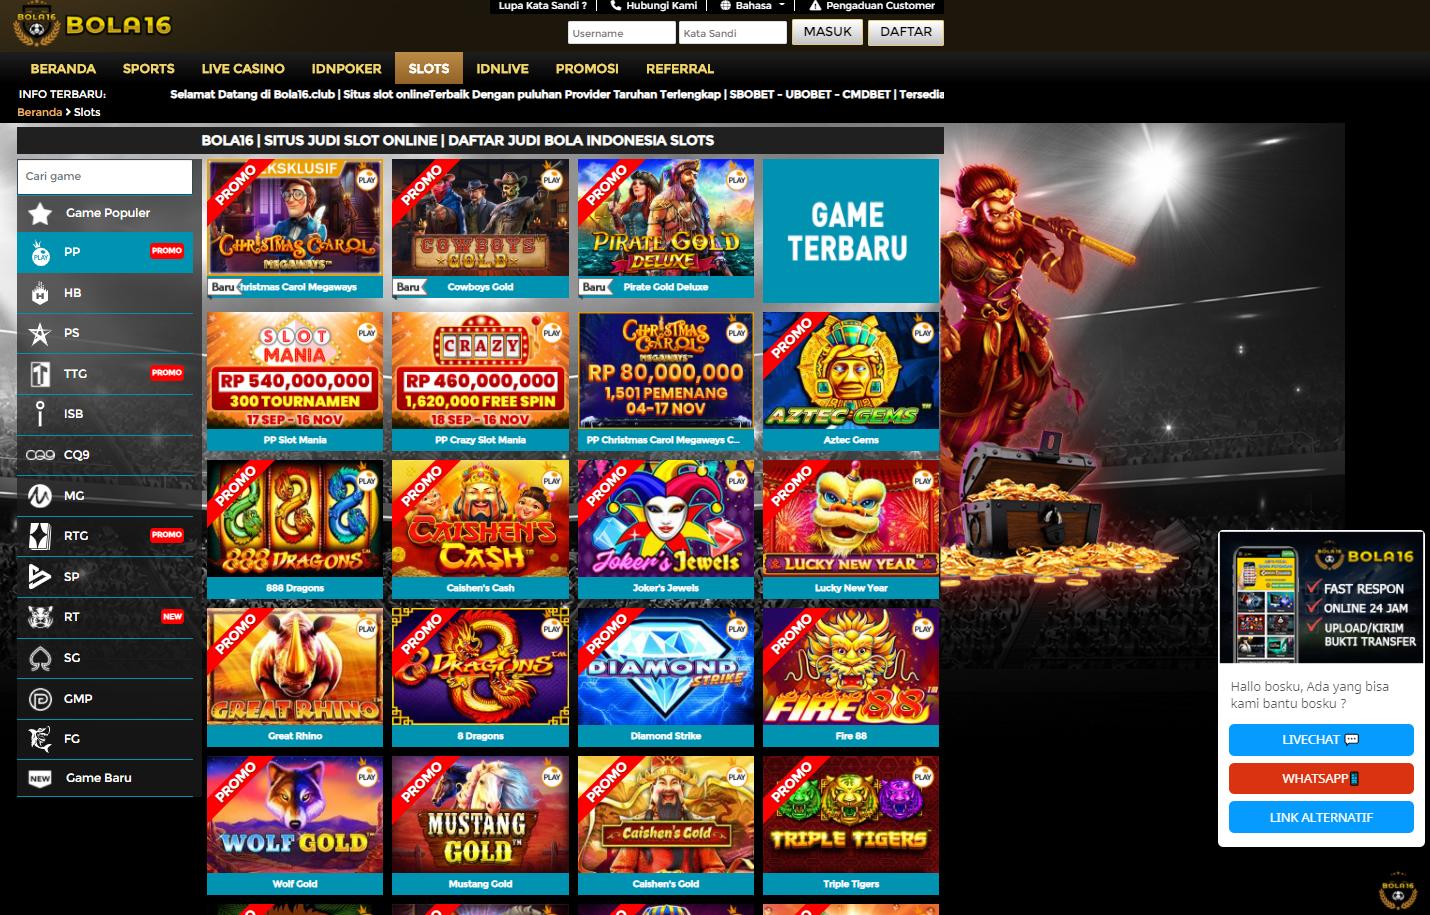 Agen Slot Terbaik Dan Terpercaya In 2020 Live Casino Bandar Slot